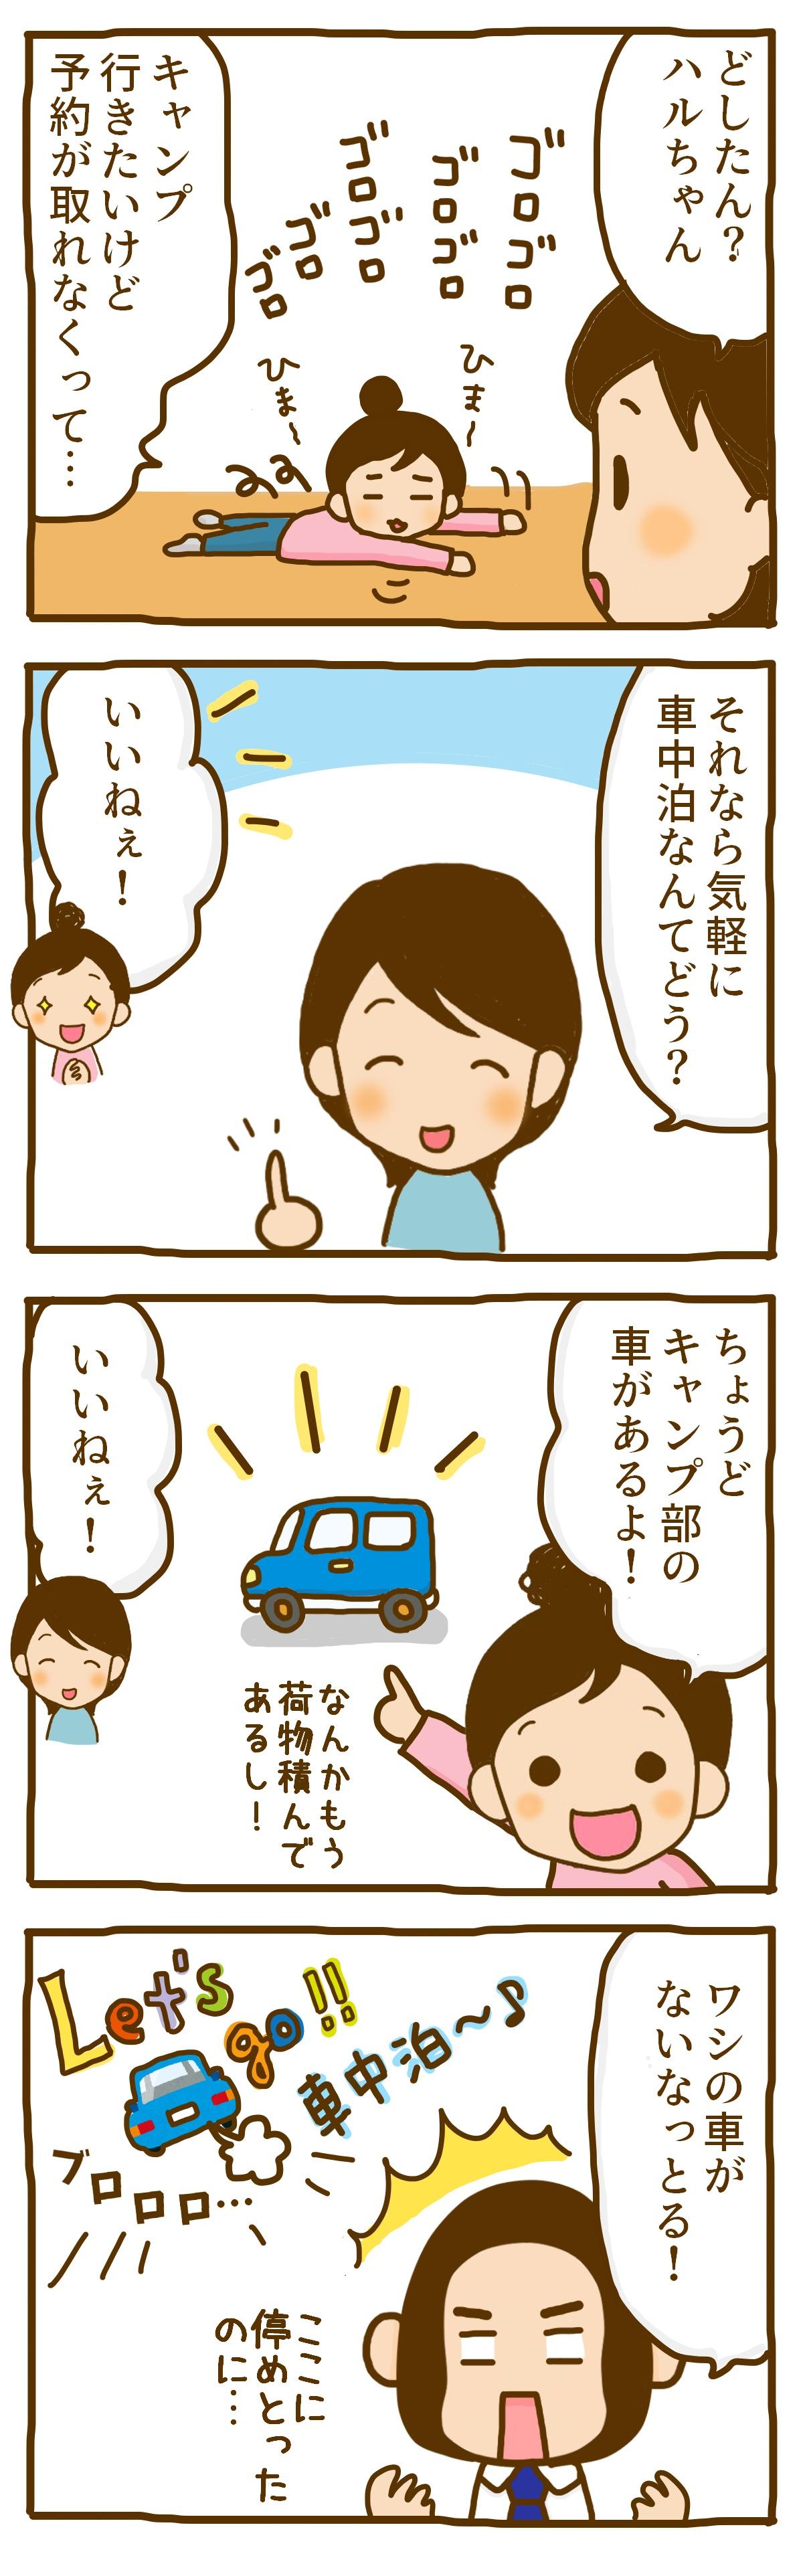 漫画132